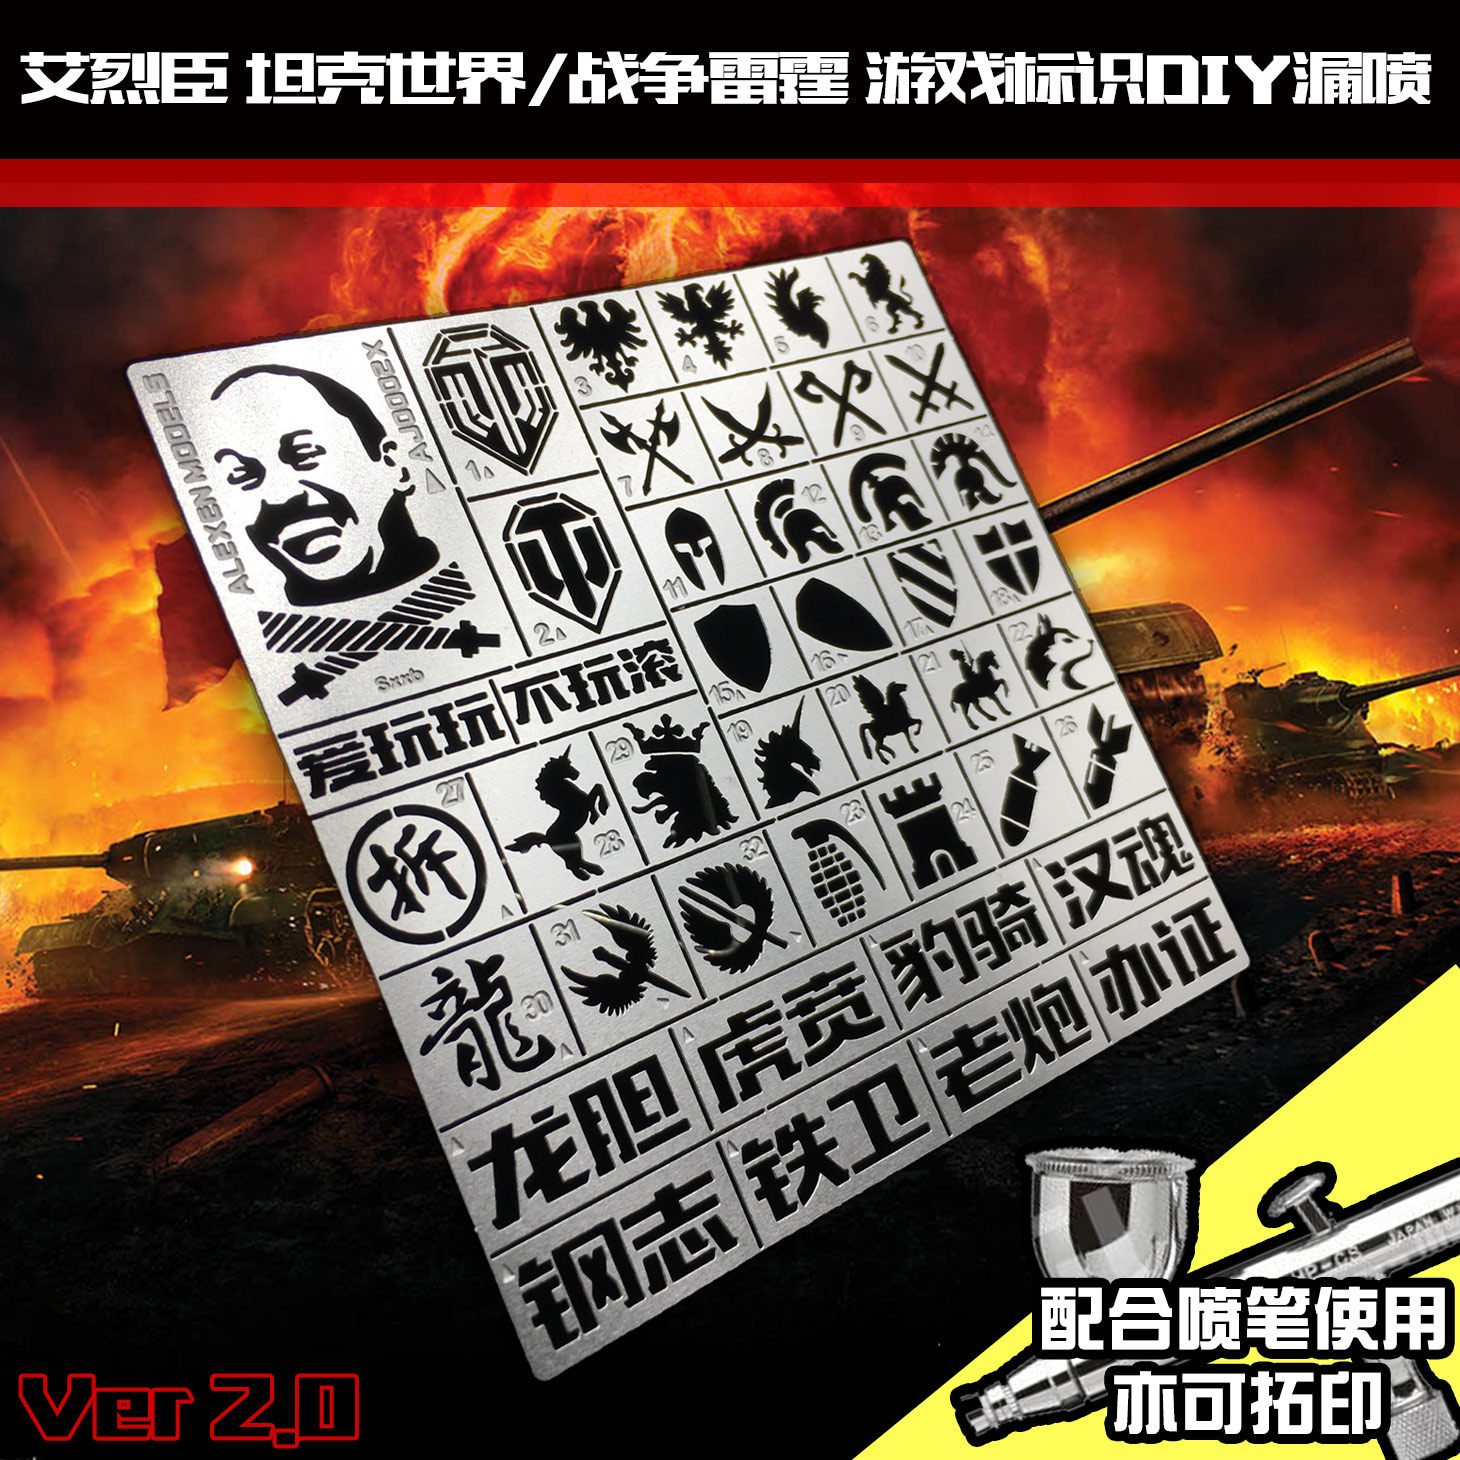 【アイリッツ】AJ 0002戦車の世界戦雷ゲームのシンボルマークドイツ戦車模型ツールが噴き出します。